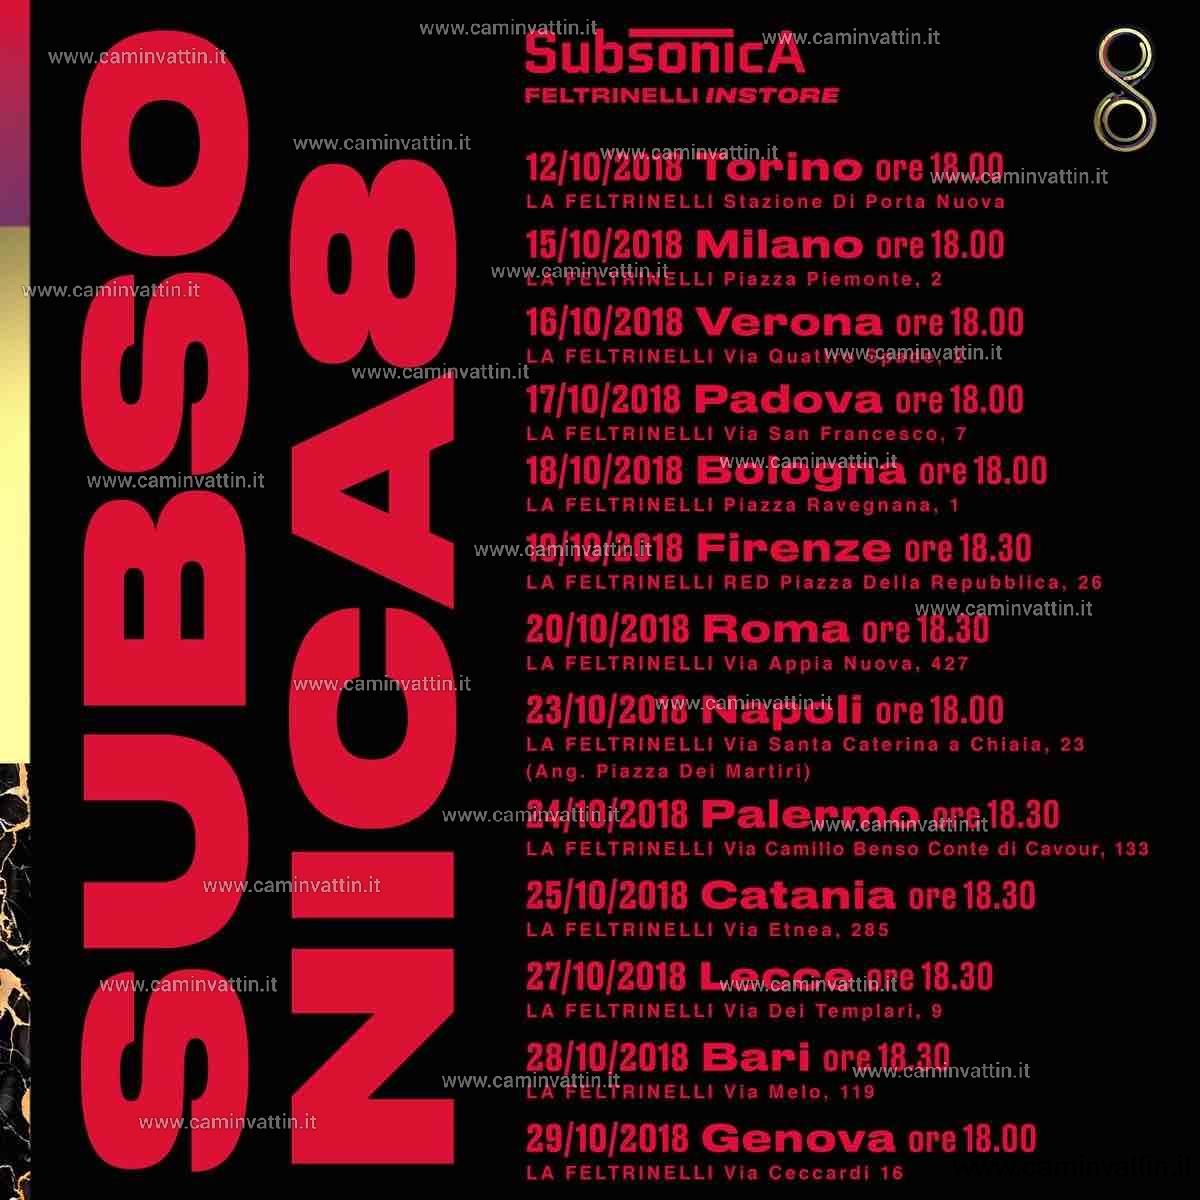 SUBSONICA incontrano i fan alla Feltrinelli di Bari 8 instore tour